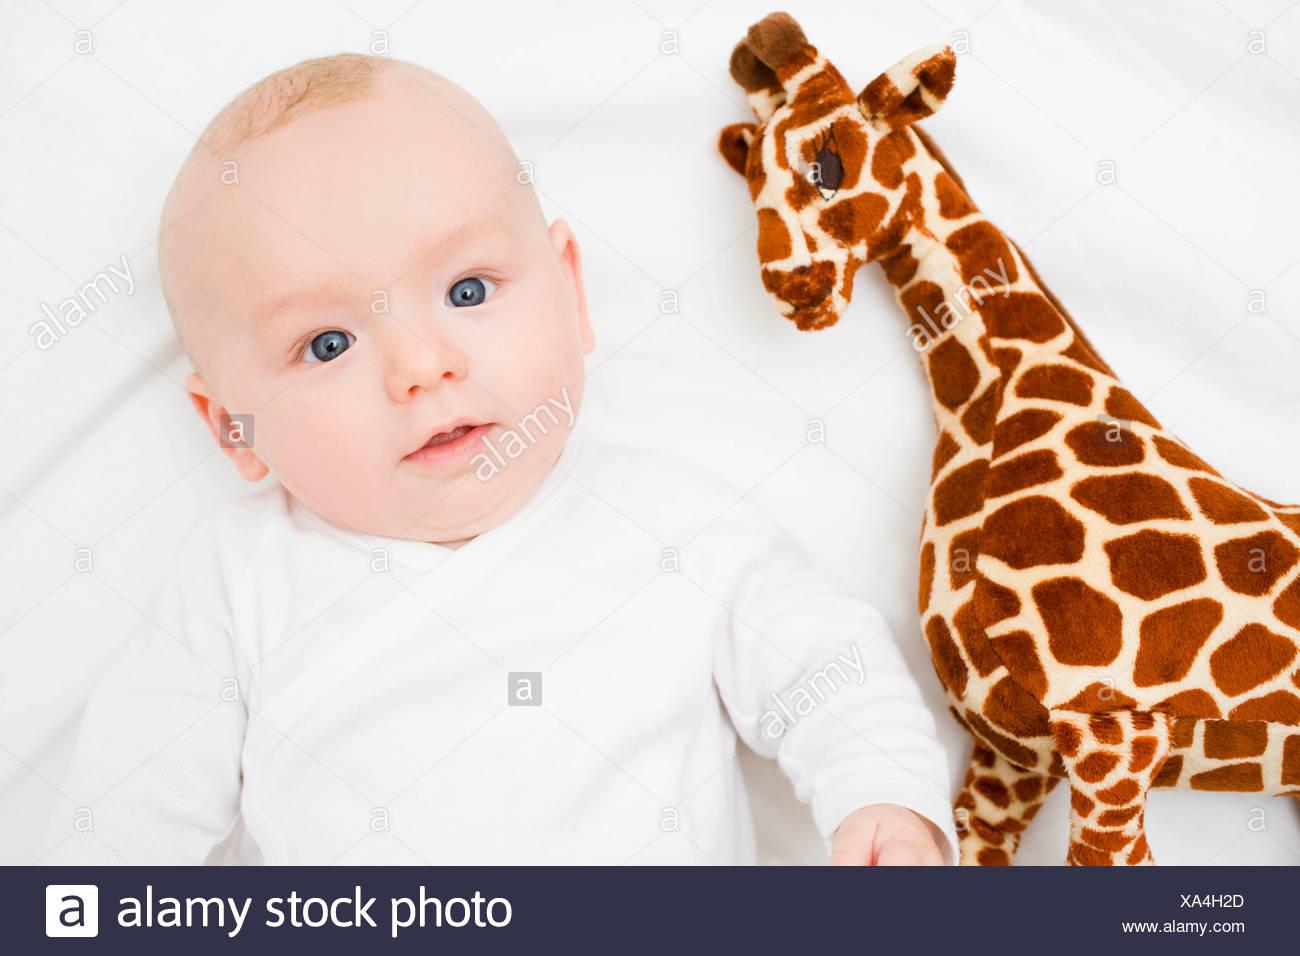 Pose bébé à côté d'une girafe en peluche Photo Stock